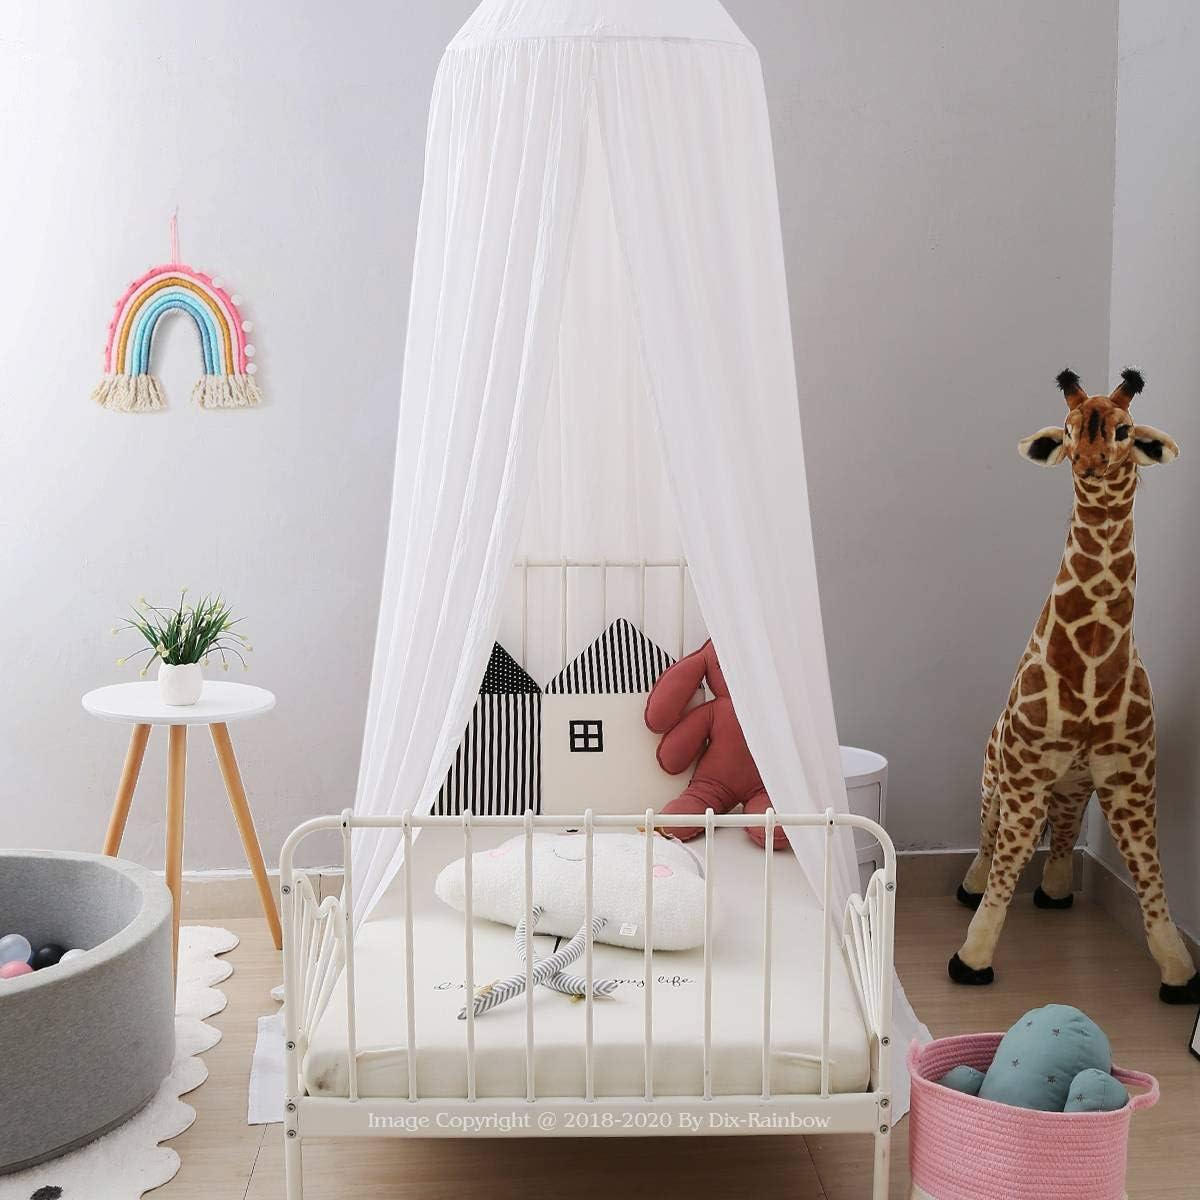 新色追加して再販 Dix-Rainbow Princess Bed Canopy Net for 超定番 P Girls Child Kids Baby